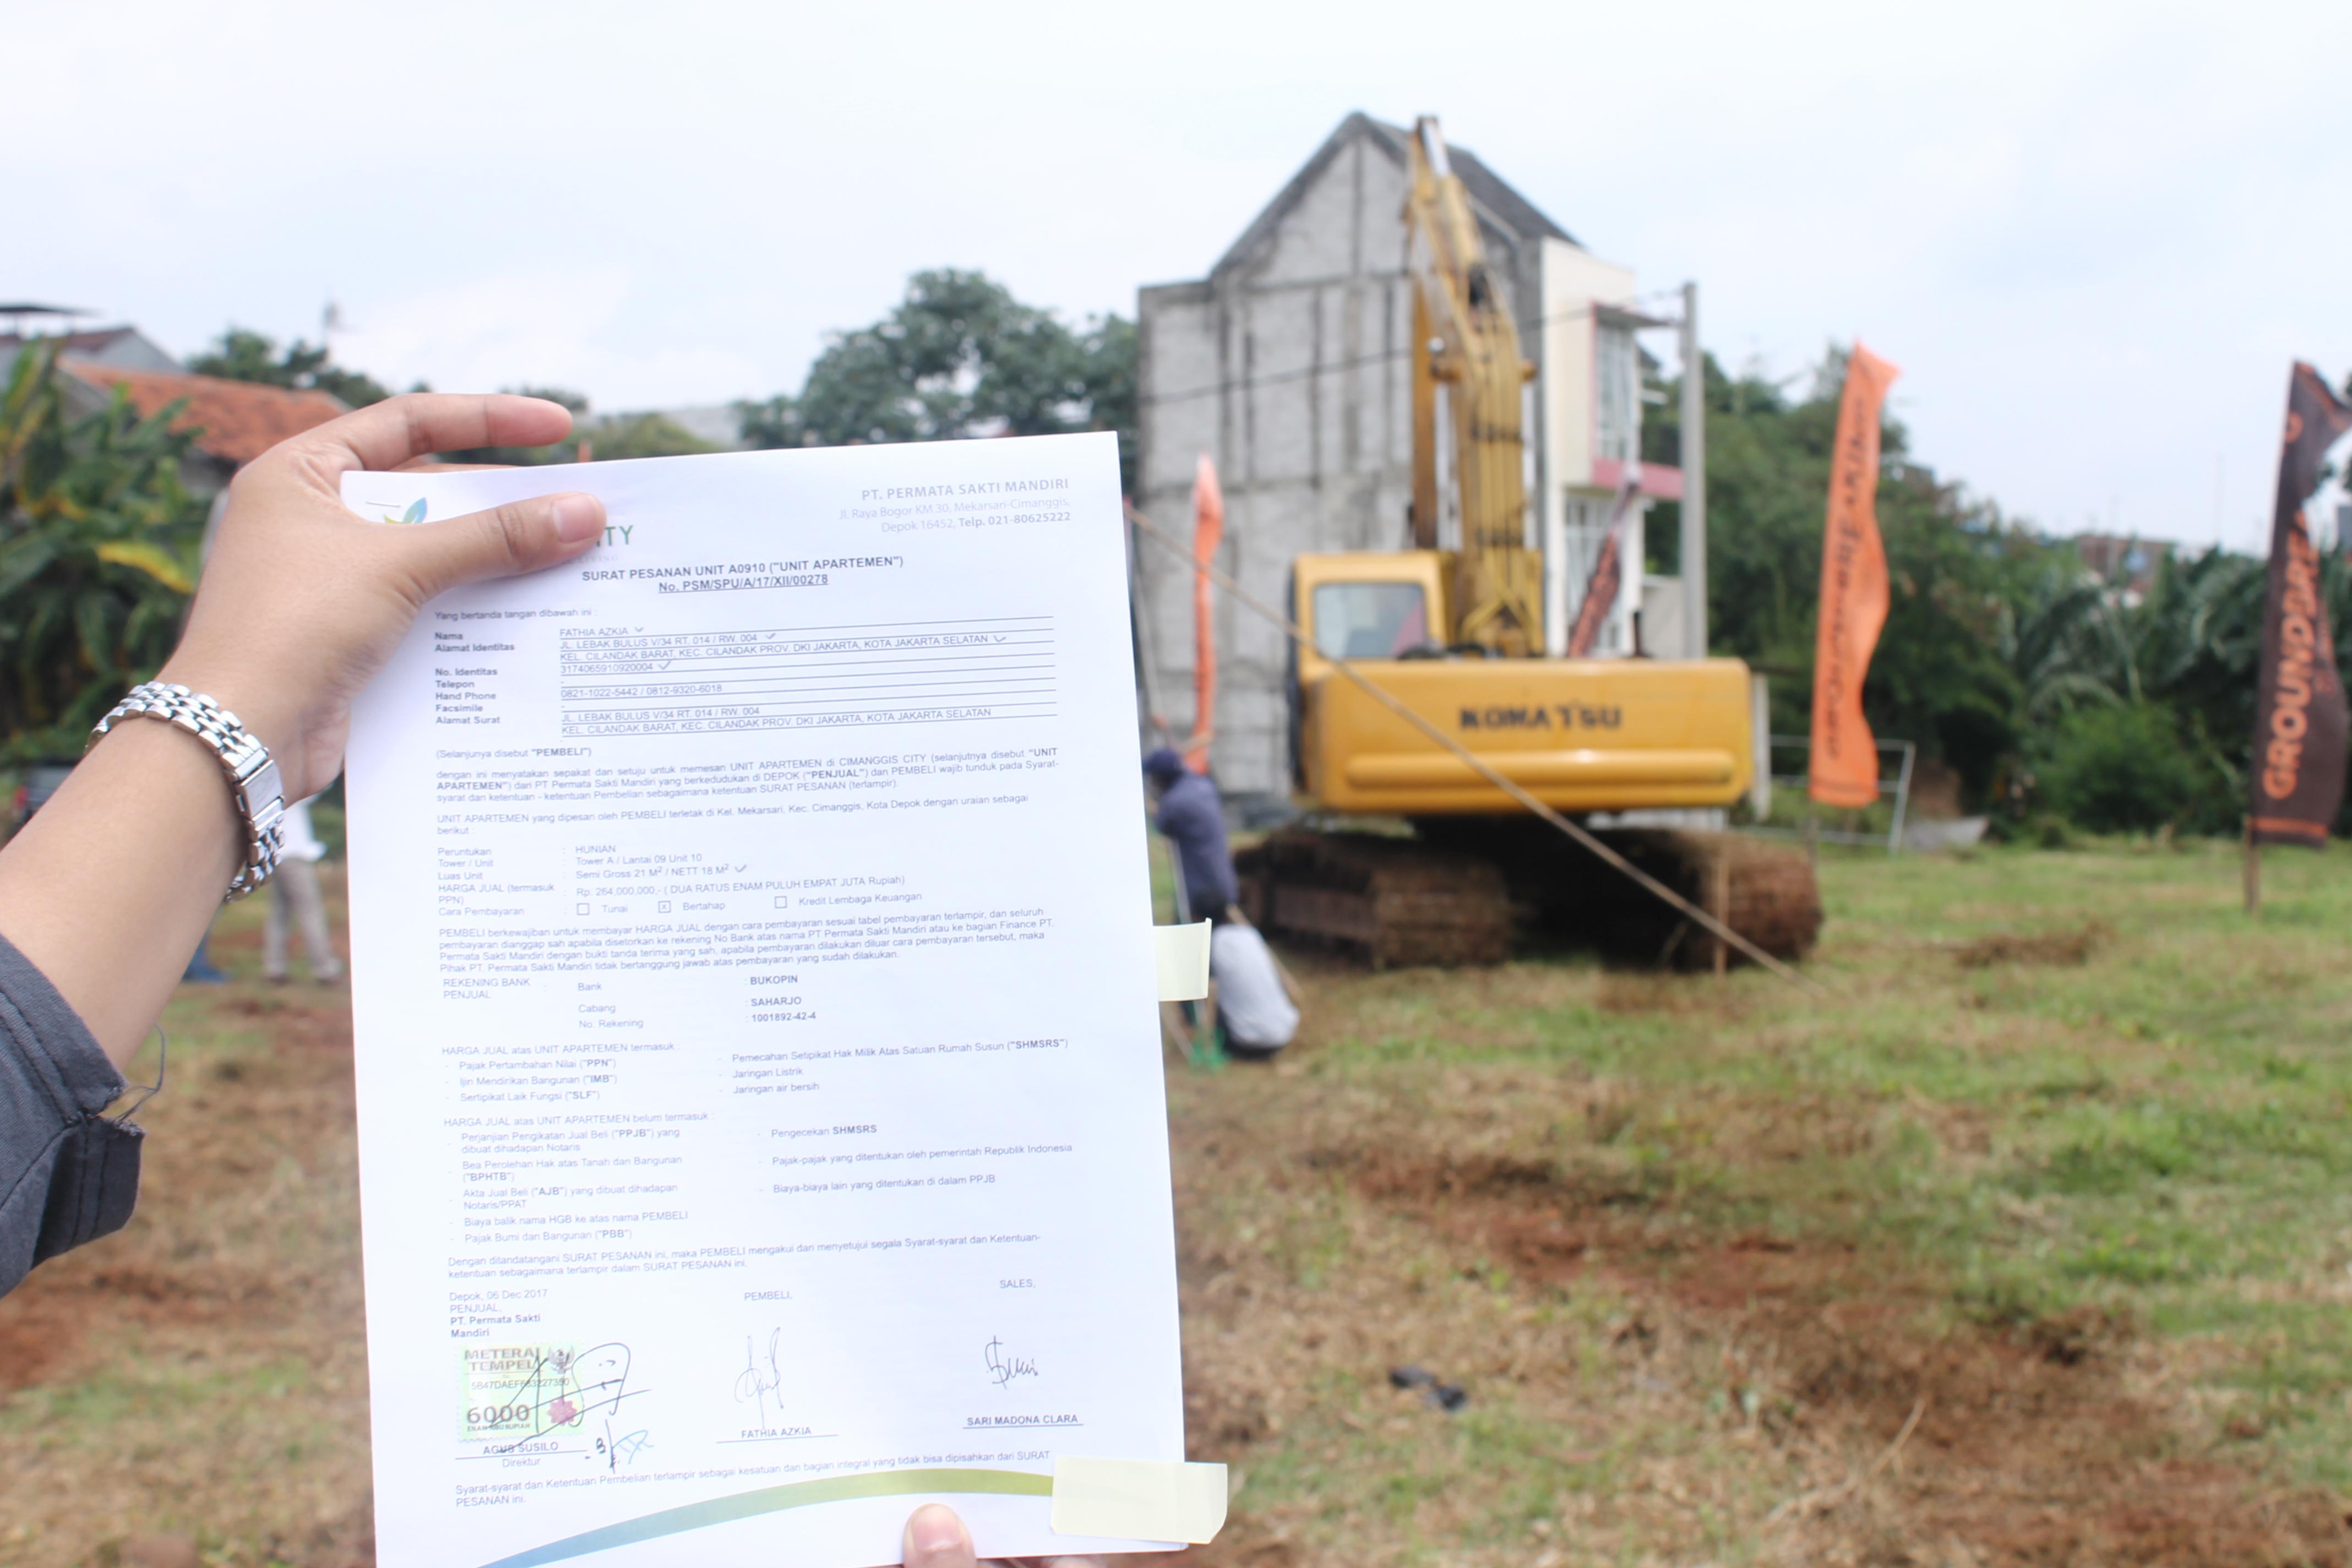 Contoh Surat Perjanjian Sewa Tanah Rumahcom